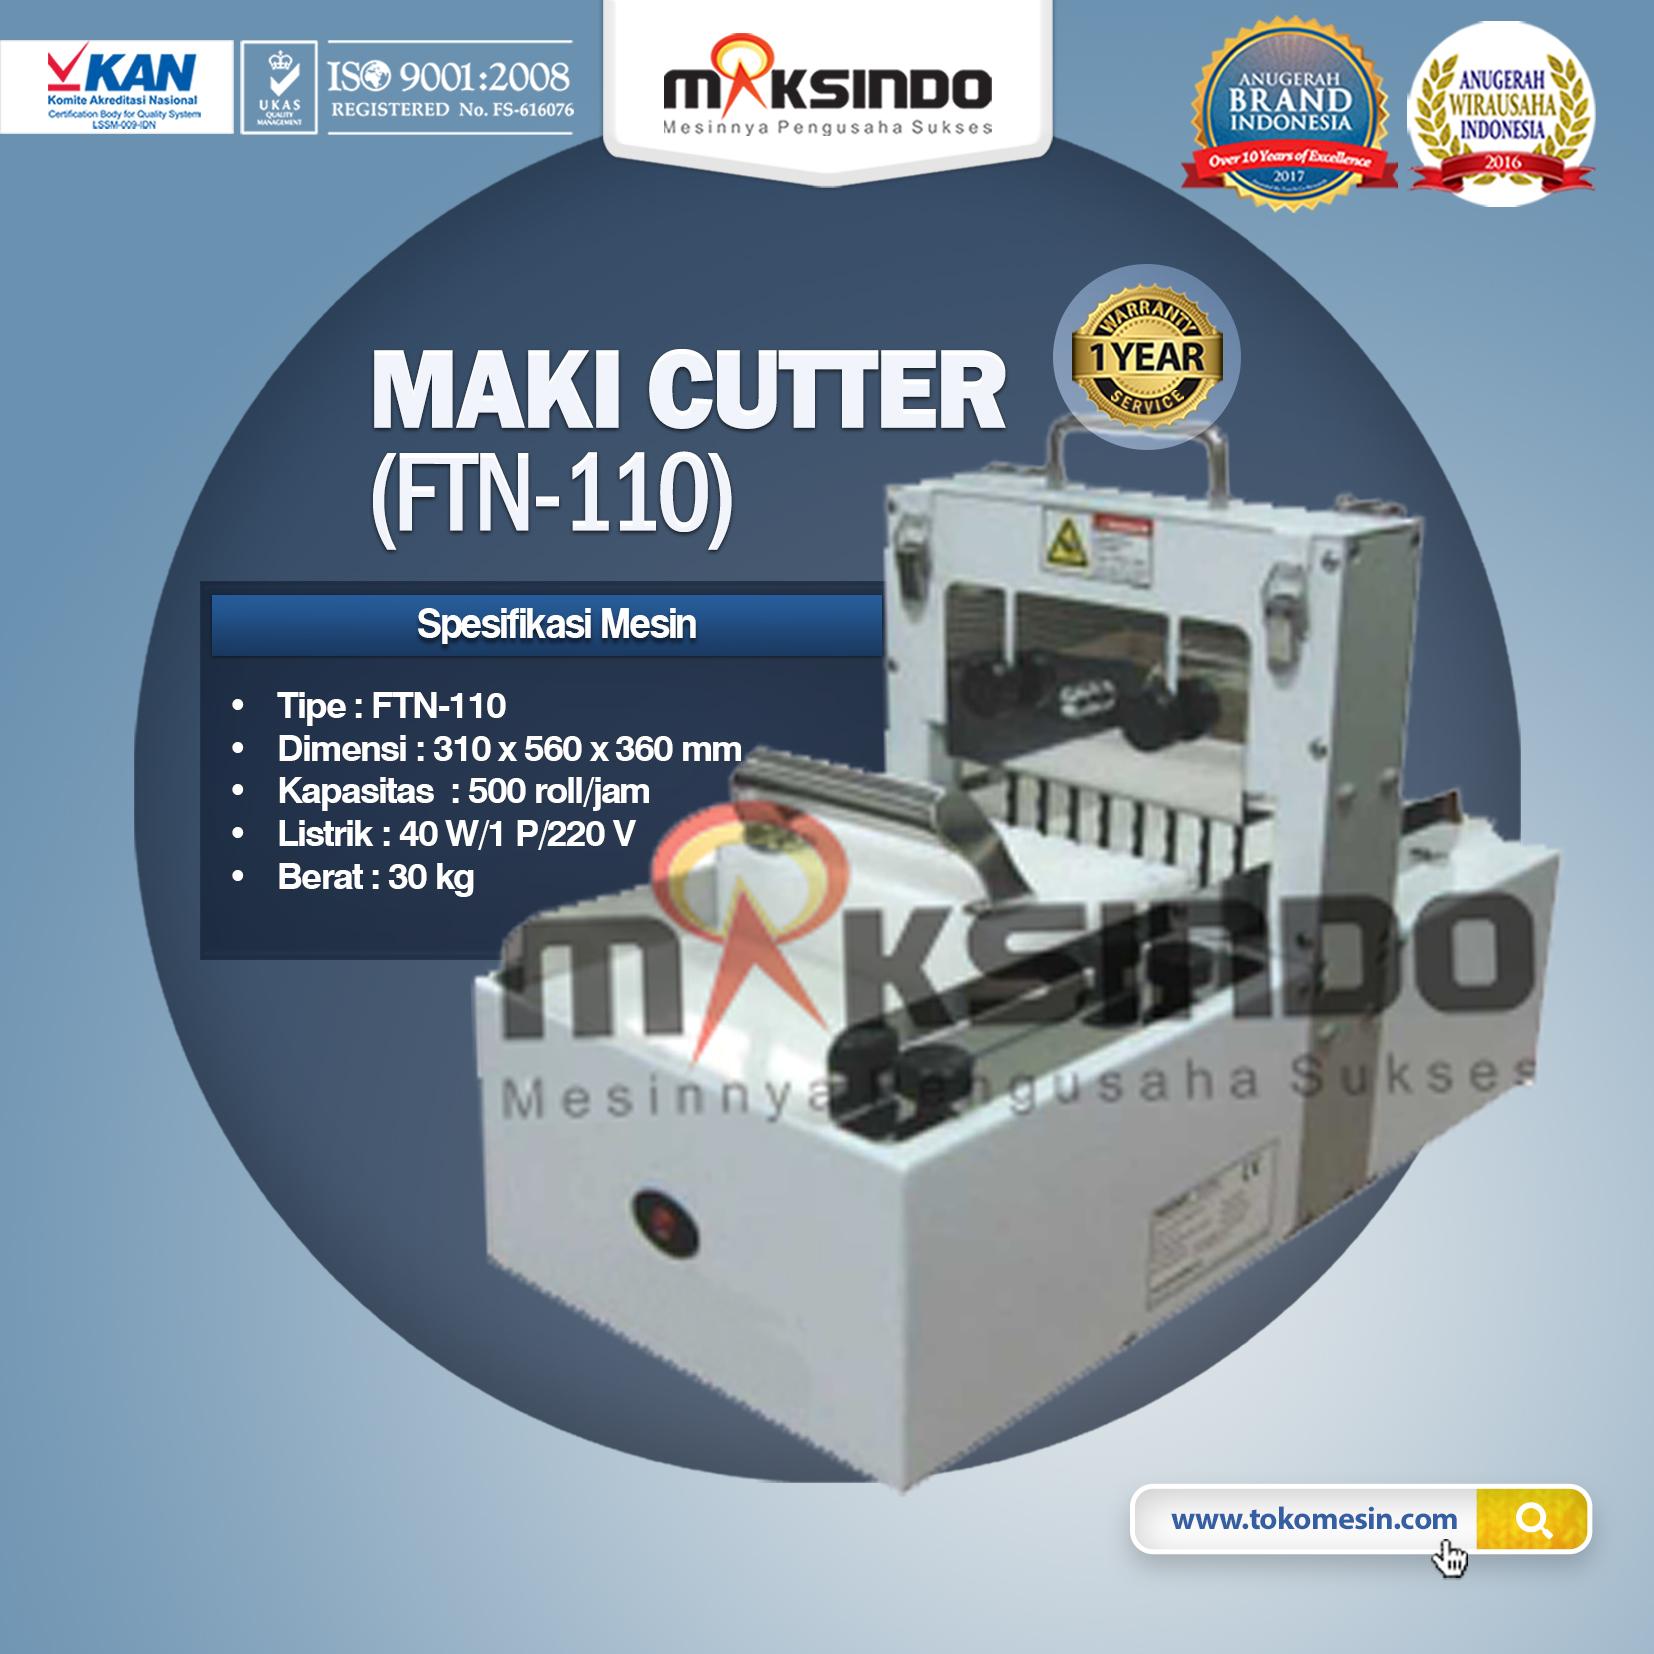 Maki Cutter